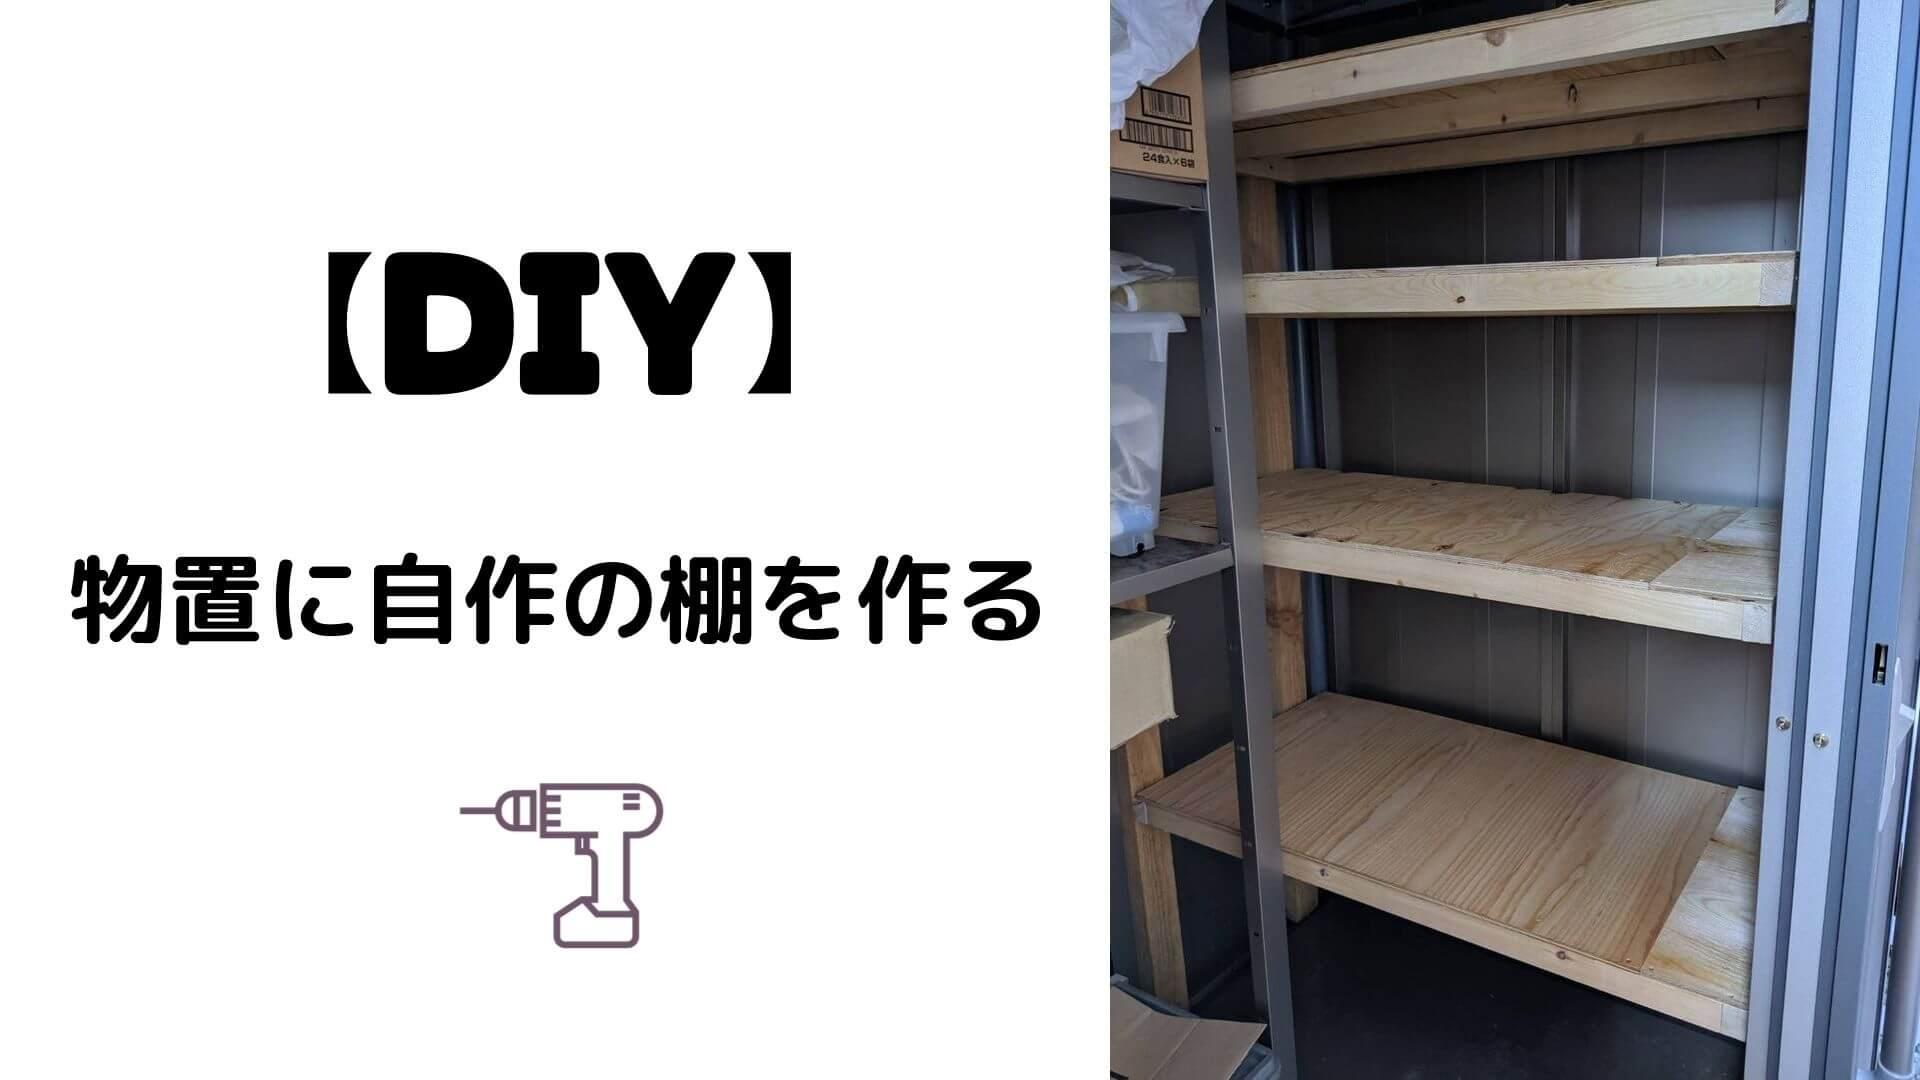 【DIY】自作の棚